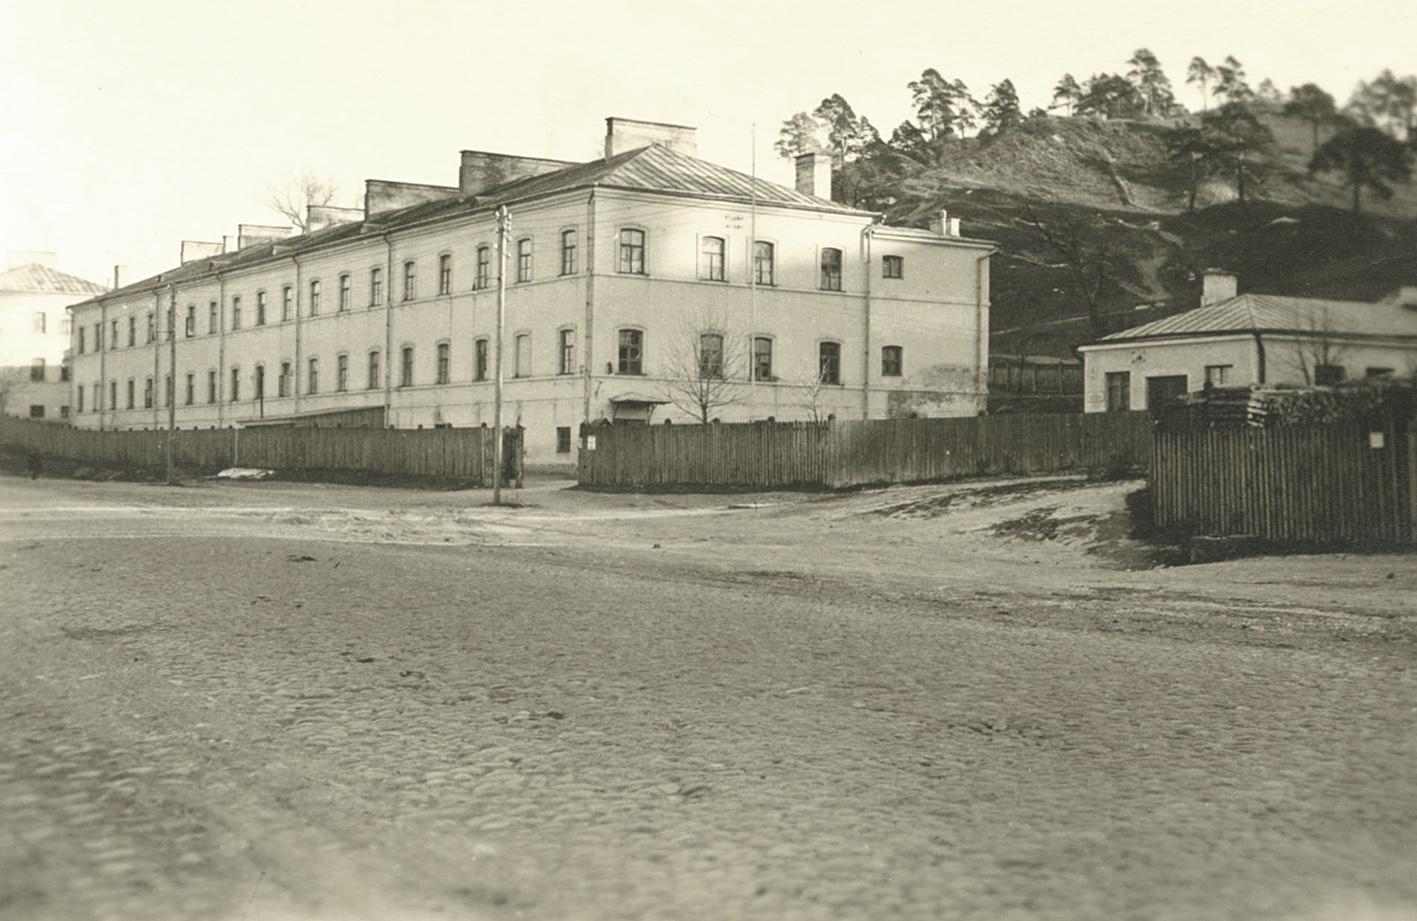 Istoriju Namai Isikure Pastate Kuriame 1943 M. Balandi Veike Vokieciu Okupacinei Kariuomenei Priklausancios Kareivines. Fotografas Nezinomas